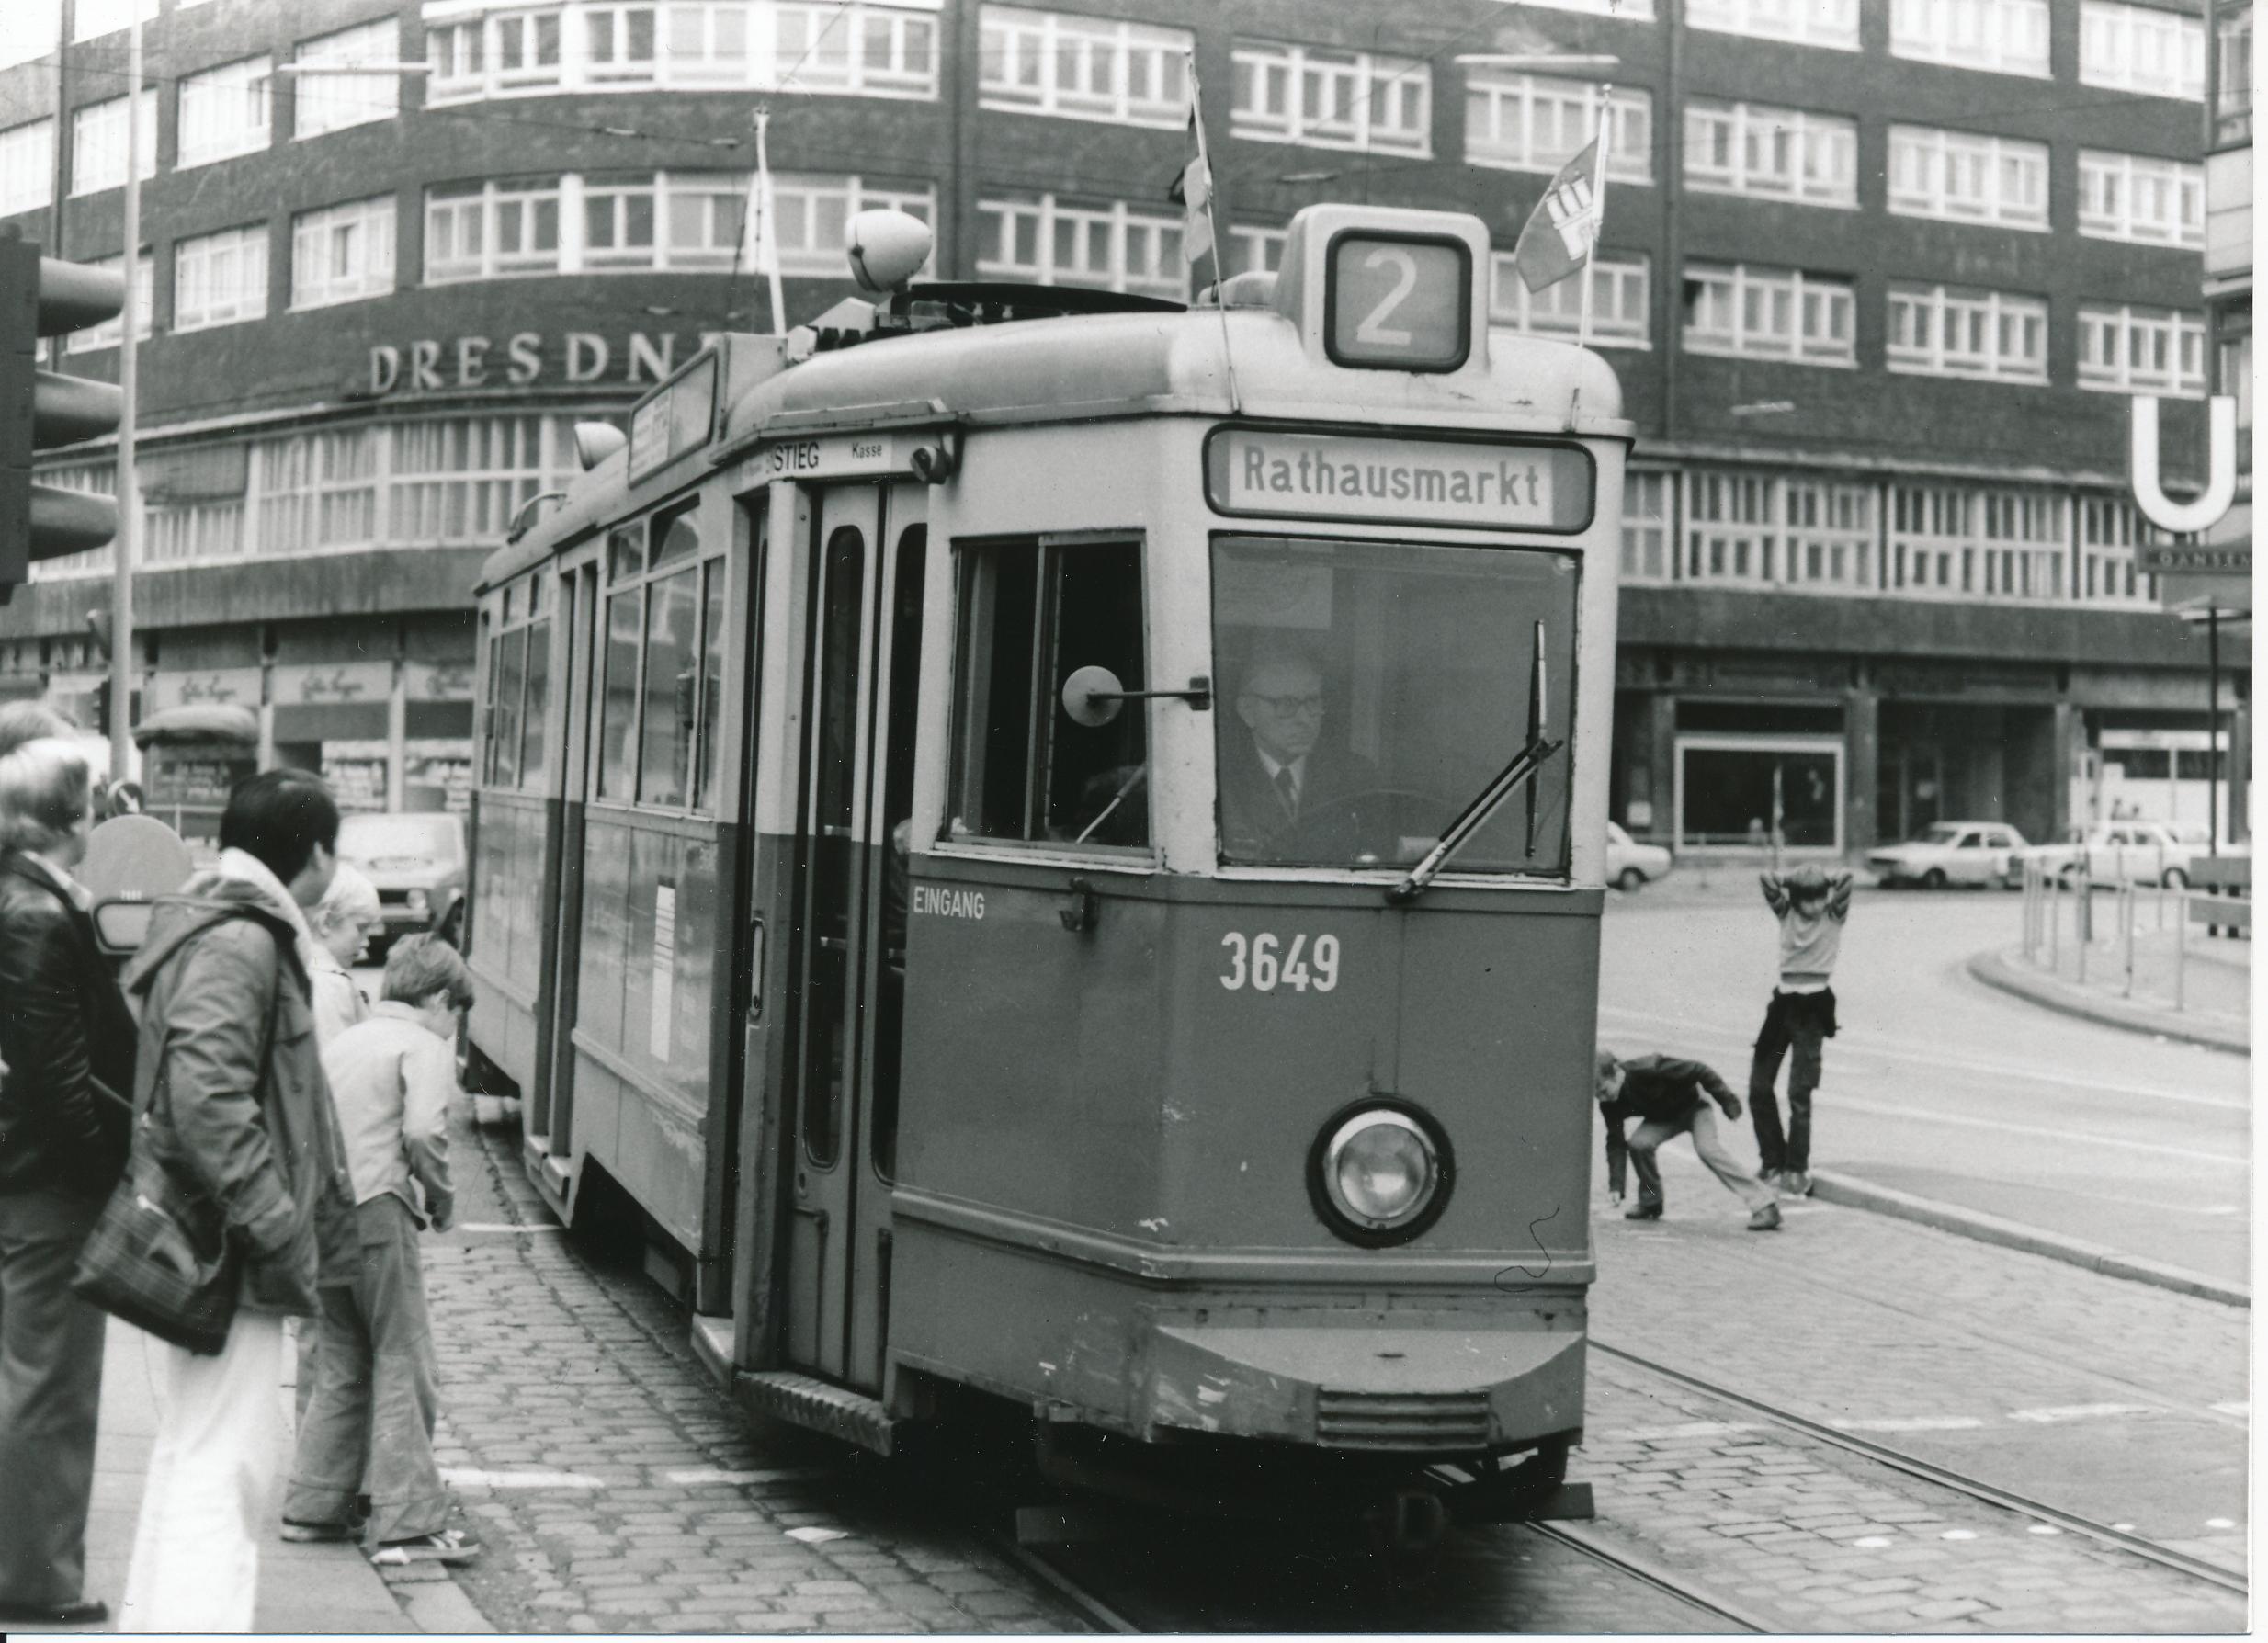 Archiv-Bild einer Straßenbahn in Hamburg